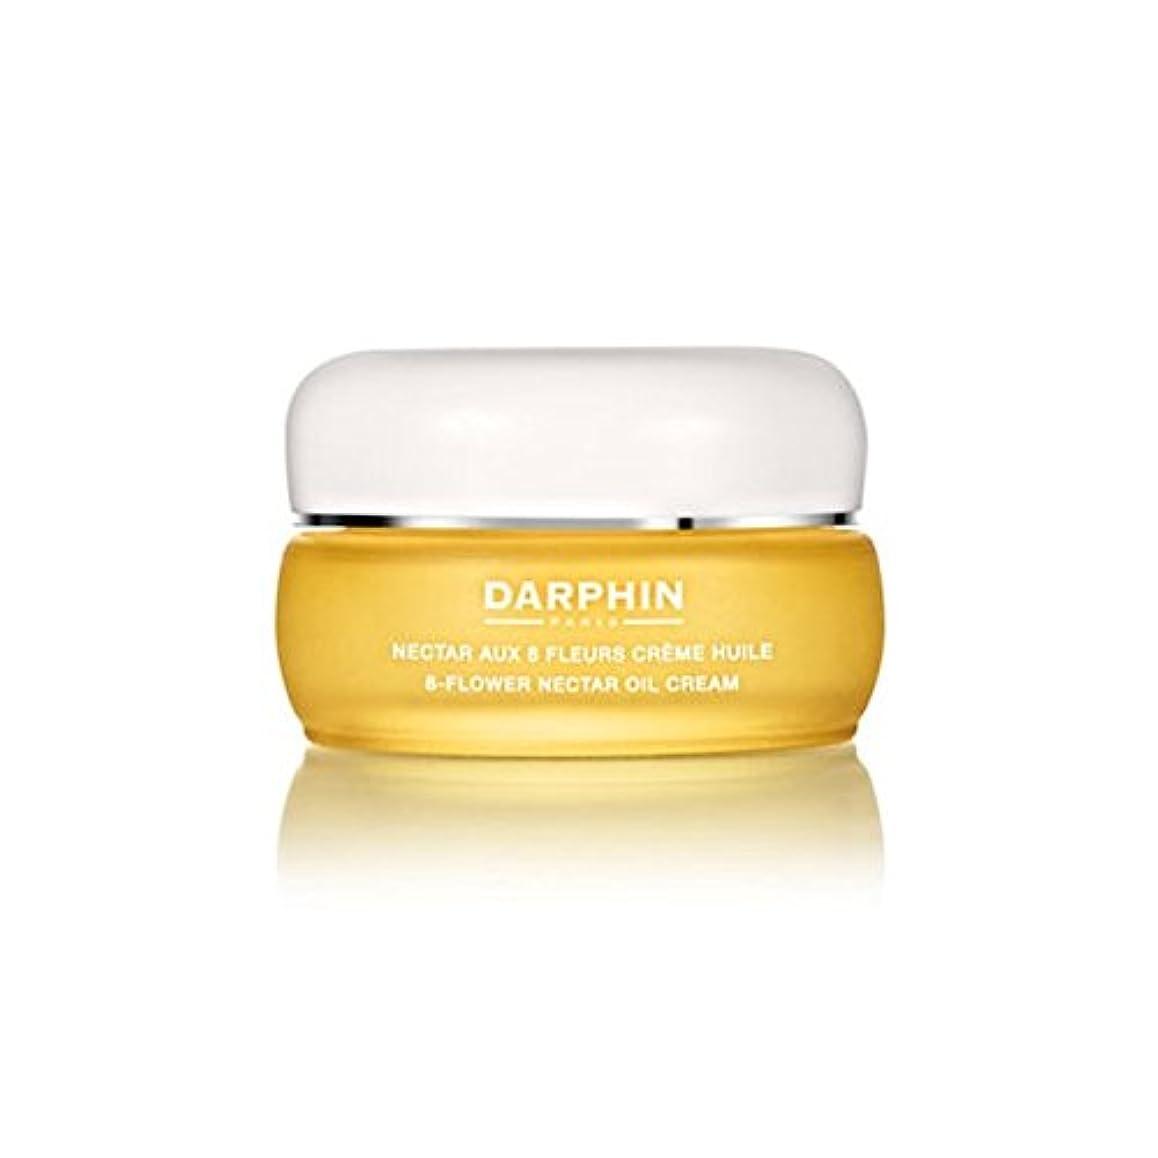 プログレッシブリーダーシップマーティンルーサーキングジュニアダルファン8フラワー油クリーム(30ミリリットル) x4 - Darphin 8-Flower Oil Cream (30ml) (Pack of 4) [並行輸入品]